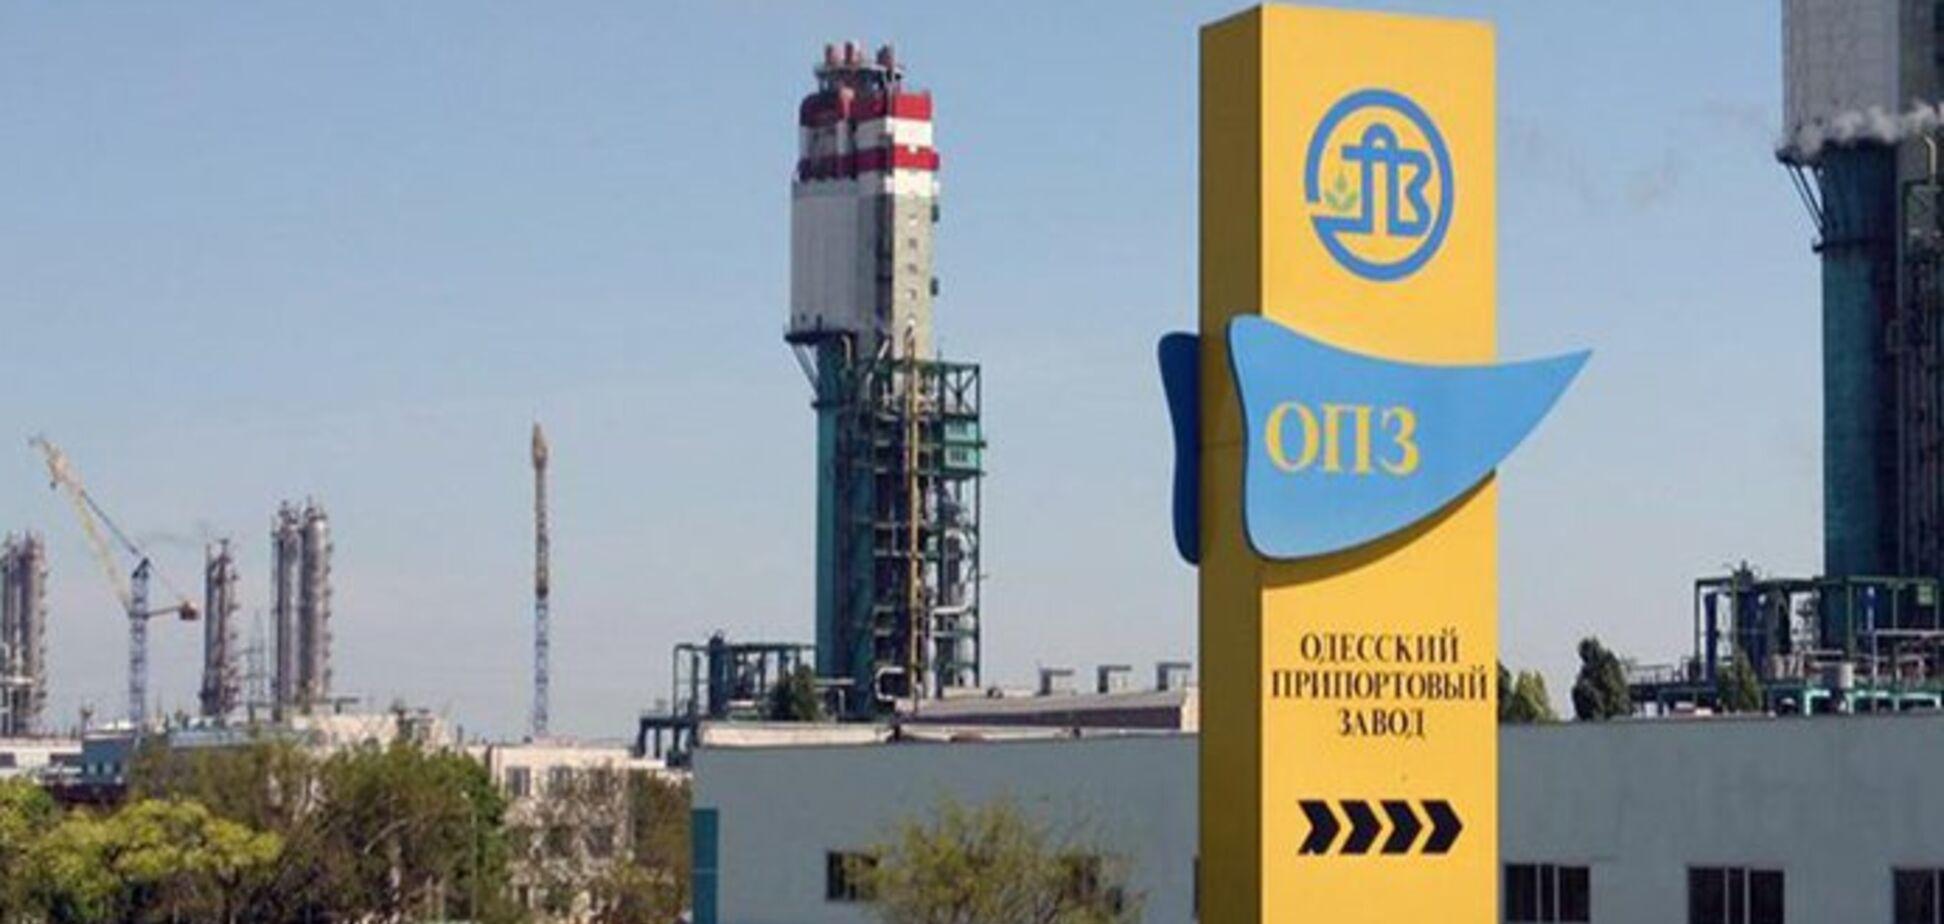 Після понад рік простою: в Одесі запустився скандальний завод